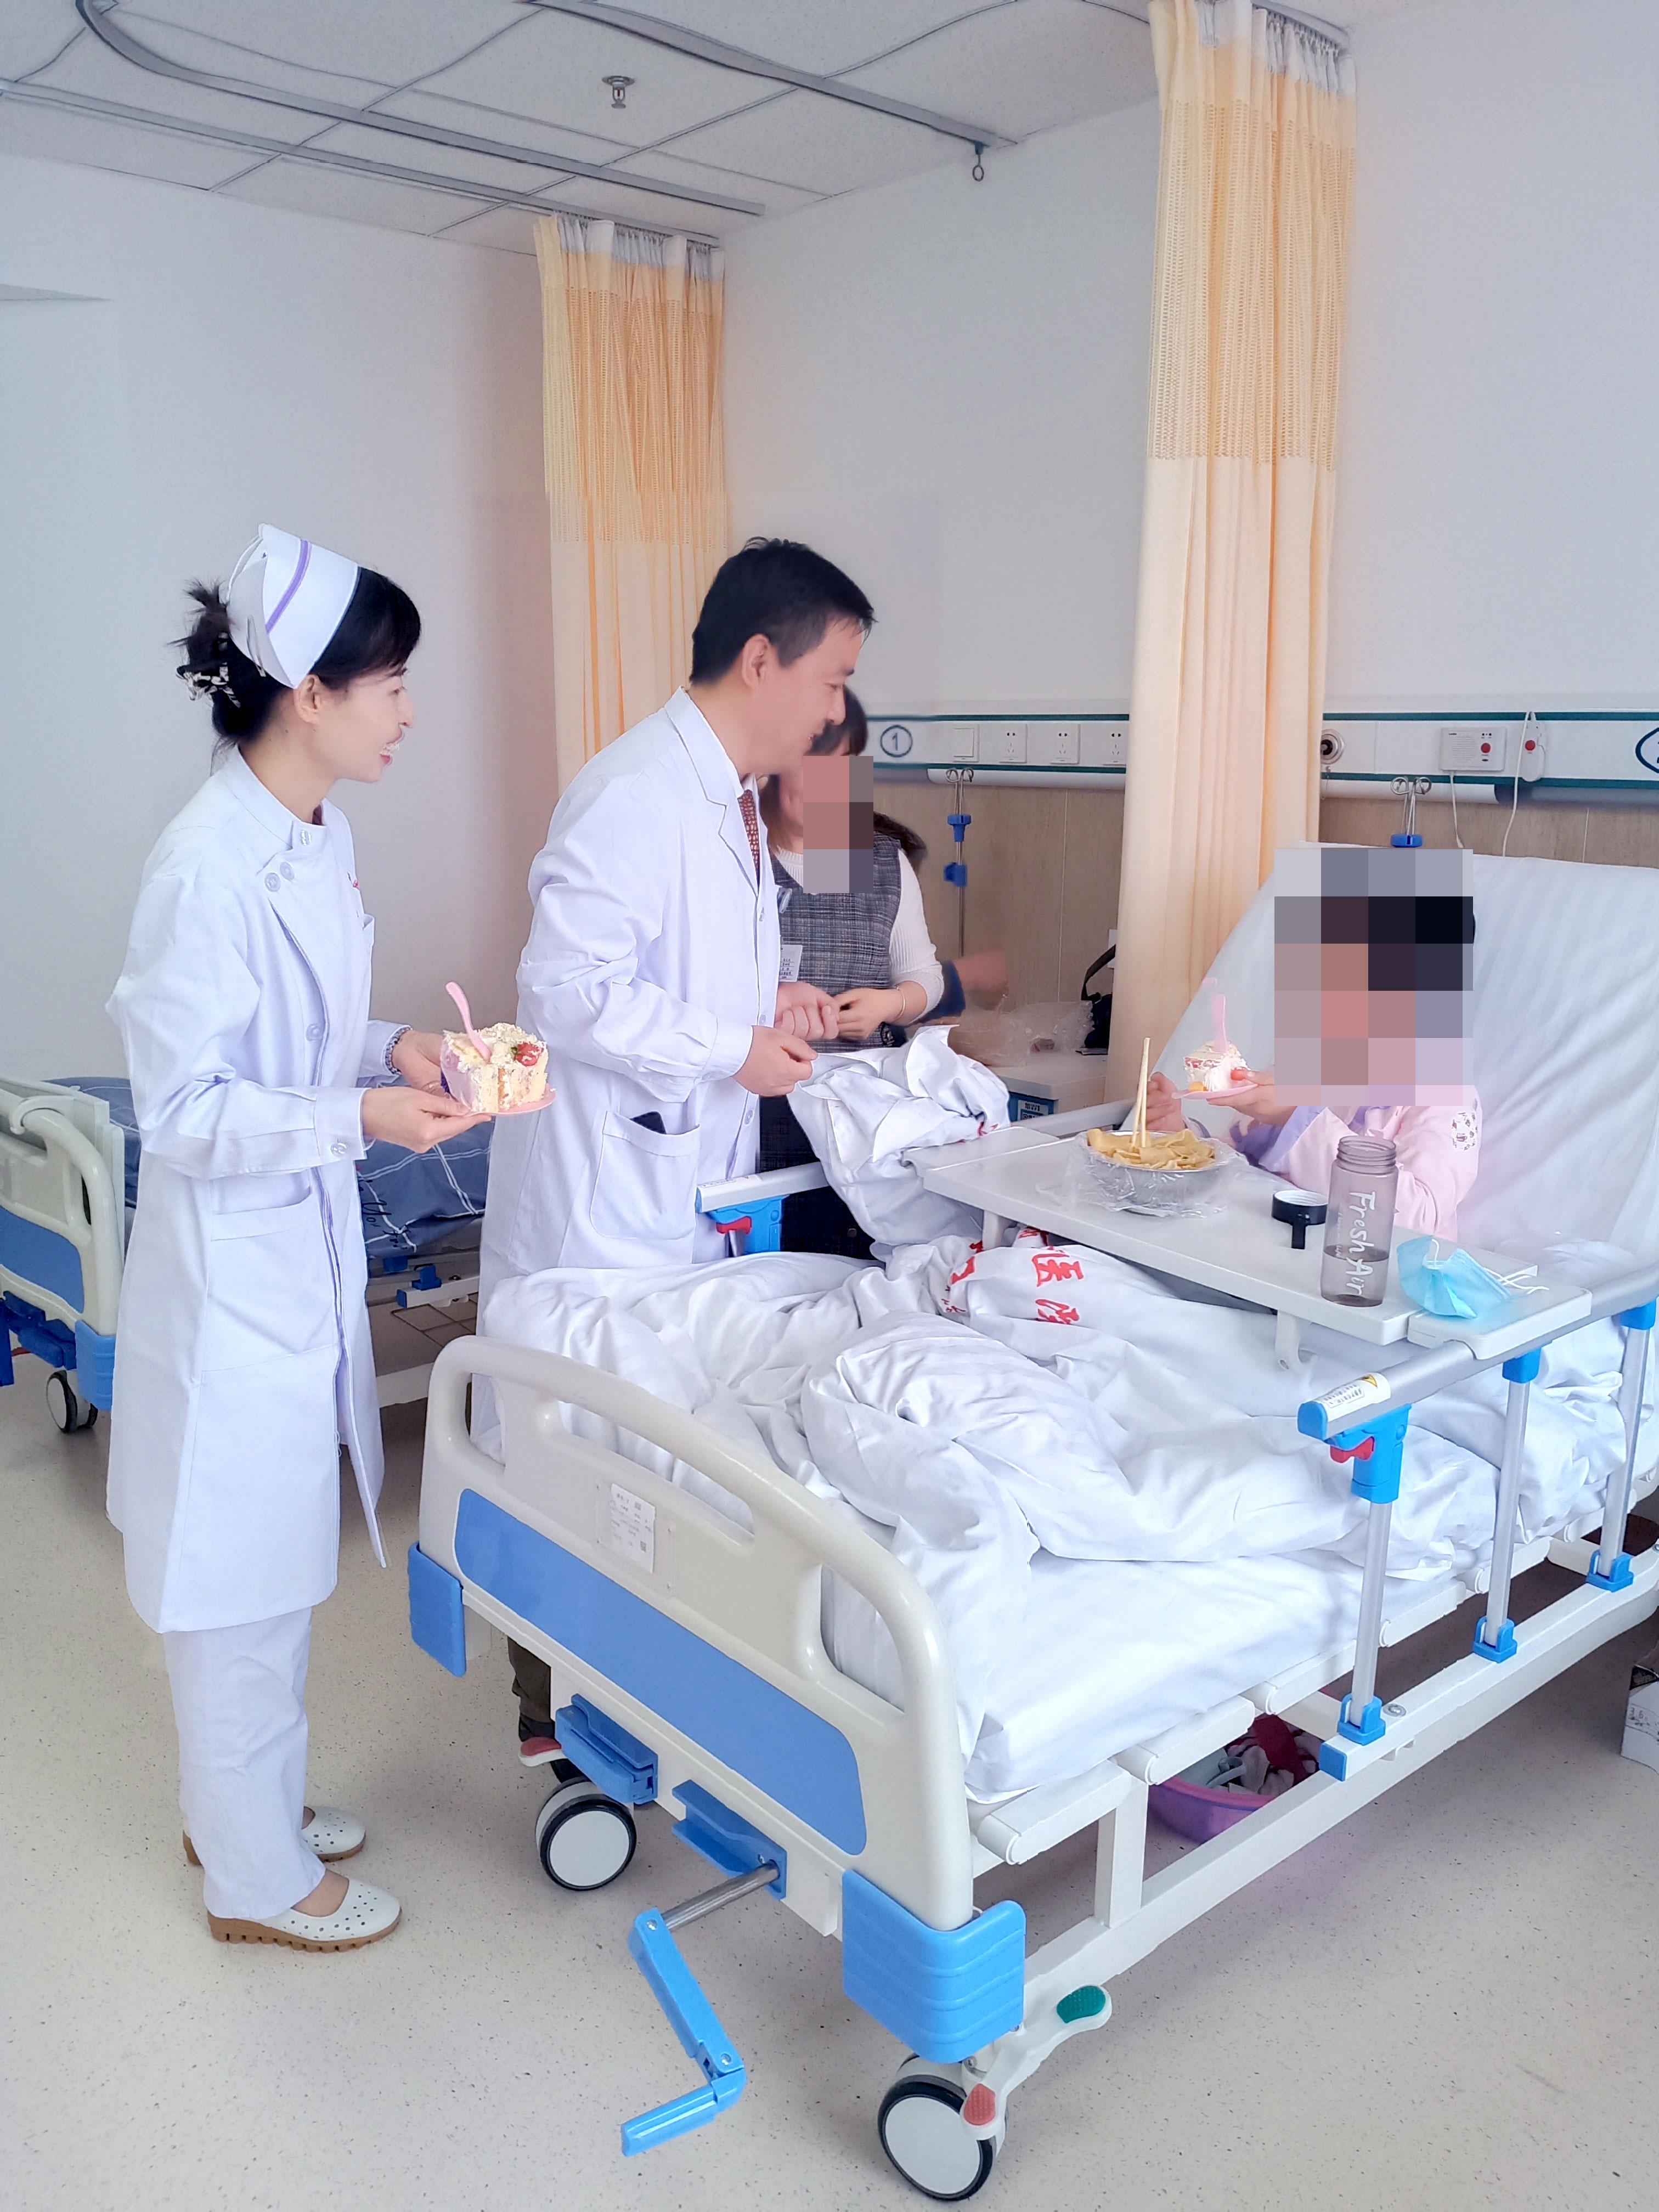 """贴近百姓造福患者,咸阳市中心医院铸造精准医疗守住""""健康关"""""""